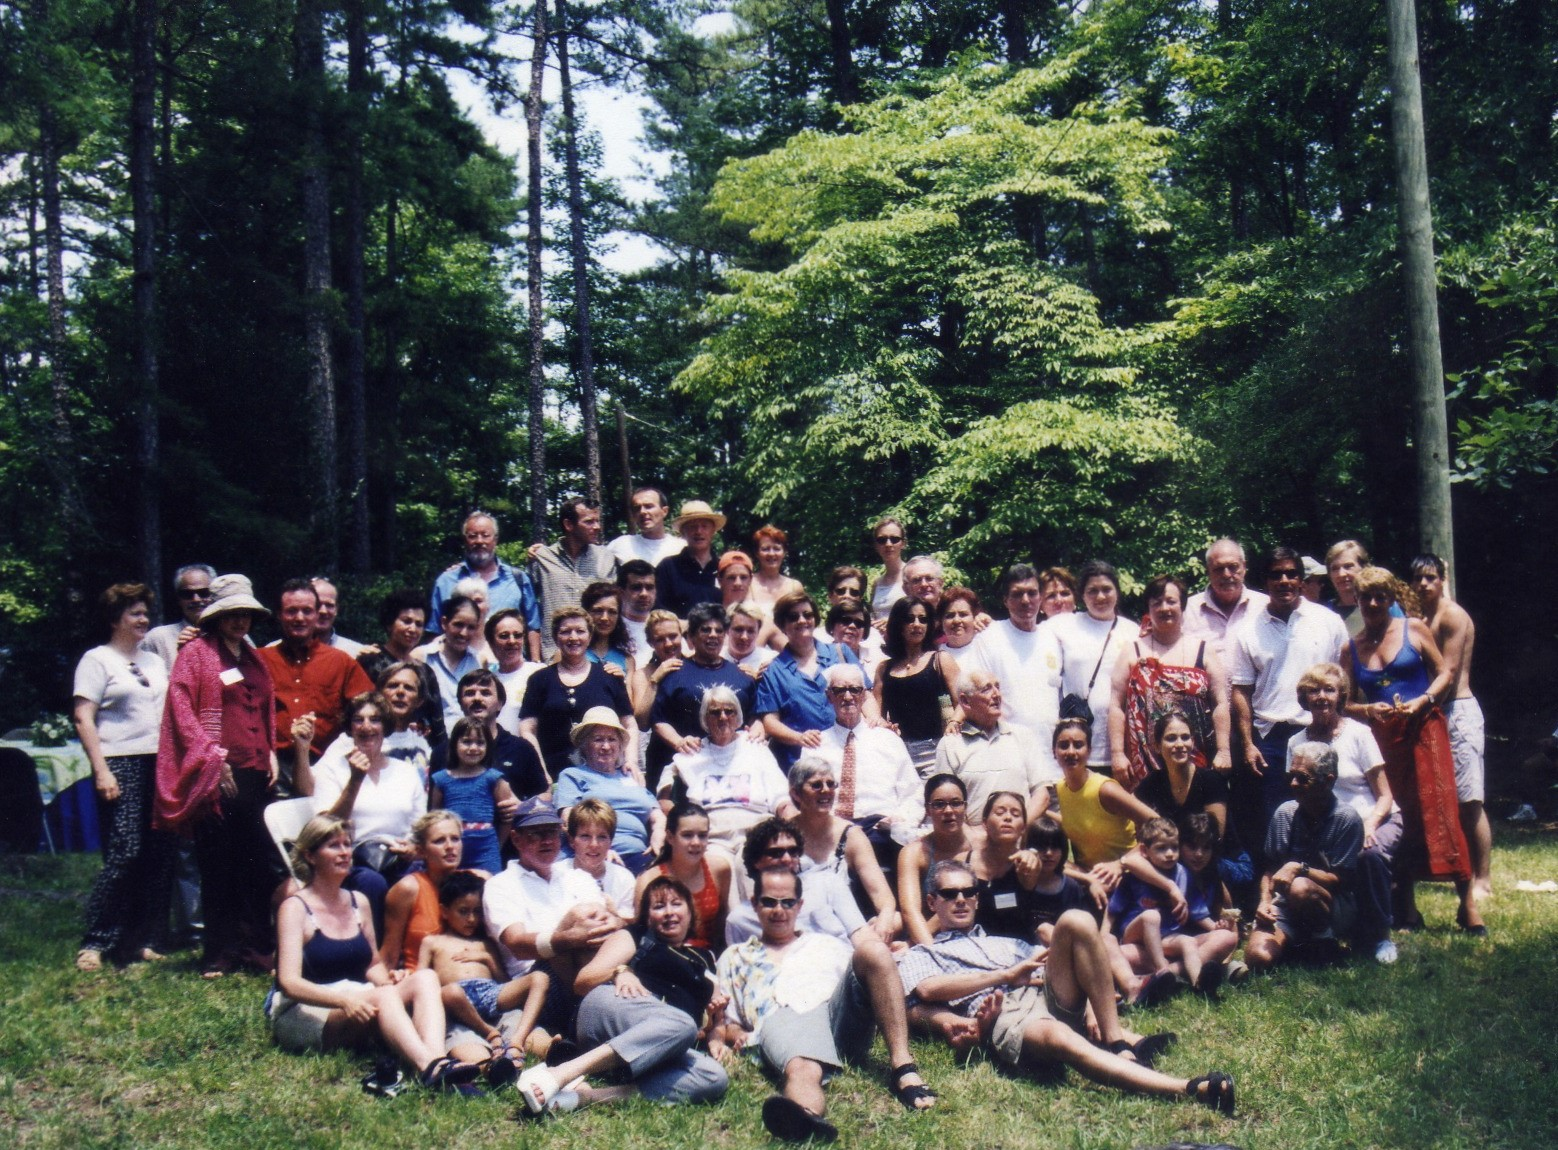 Chazfest 2001 (Charlotte USA)